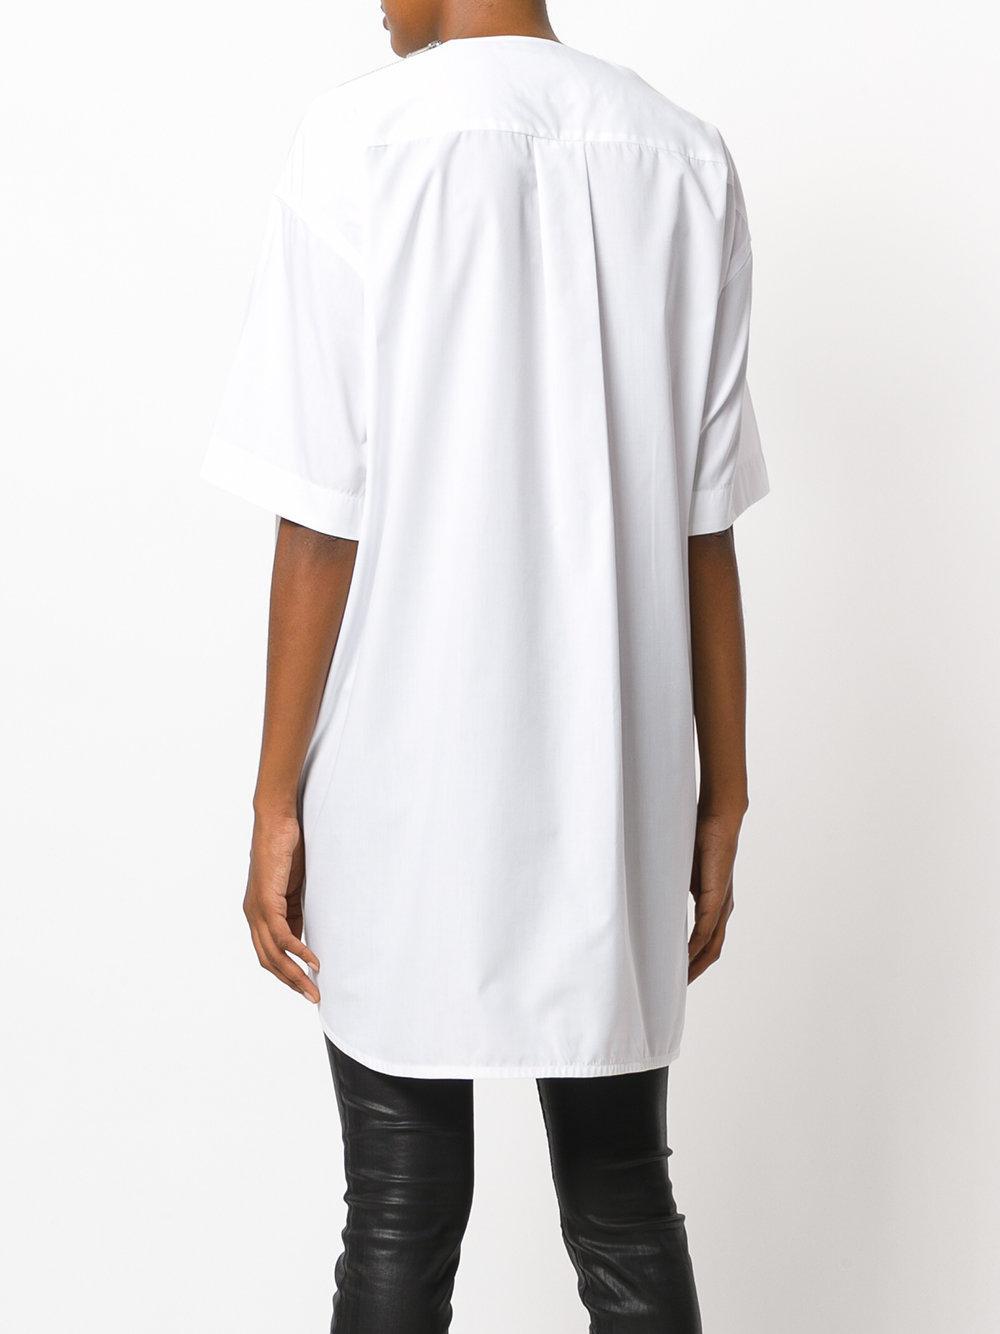 T Shirt Lyst Un vida la en White día Sacai 7qwPUvxY